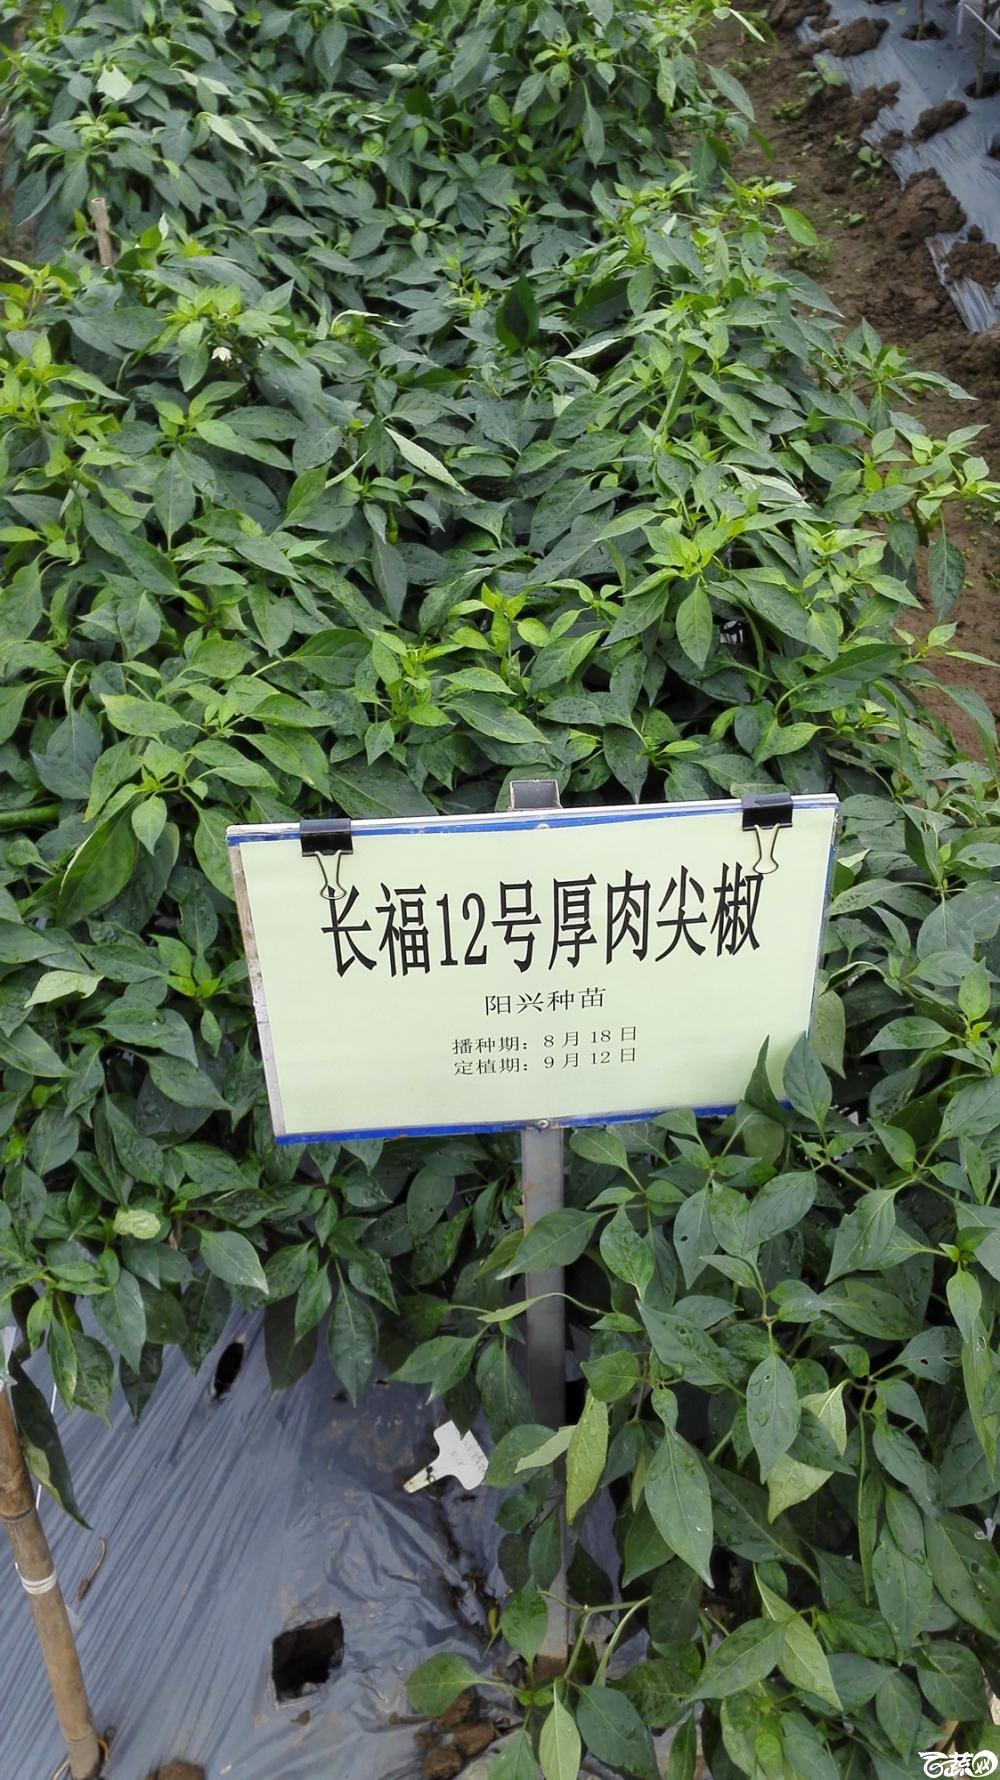 2014年12月8号中山蔬菜新品种展示会_辣椒_056.jpg